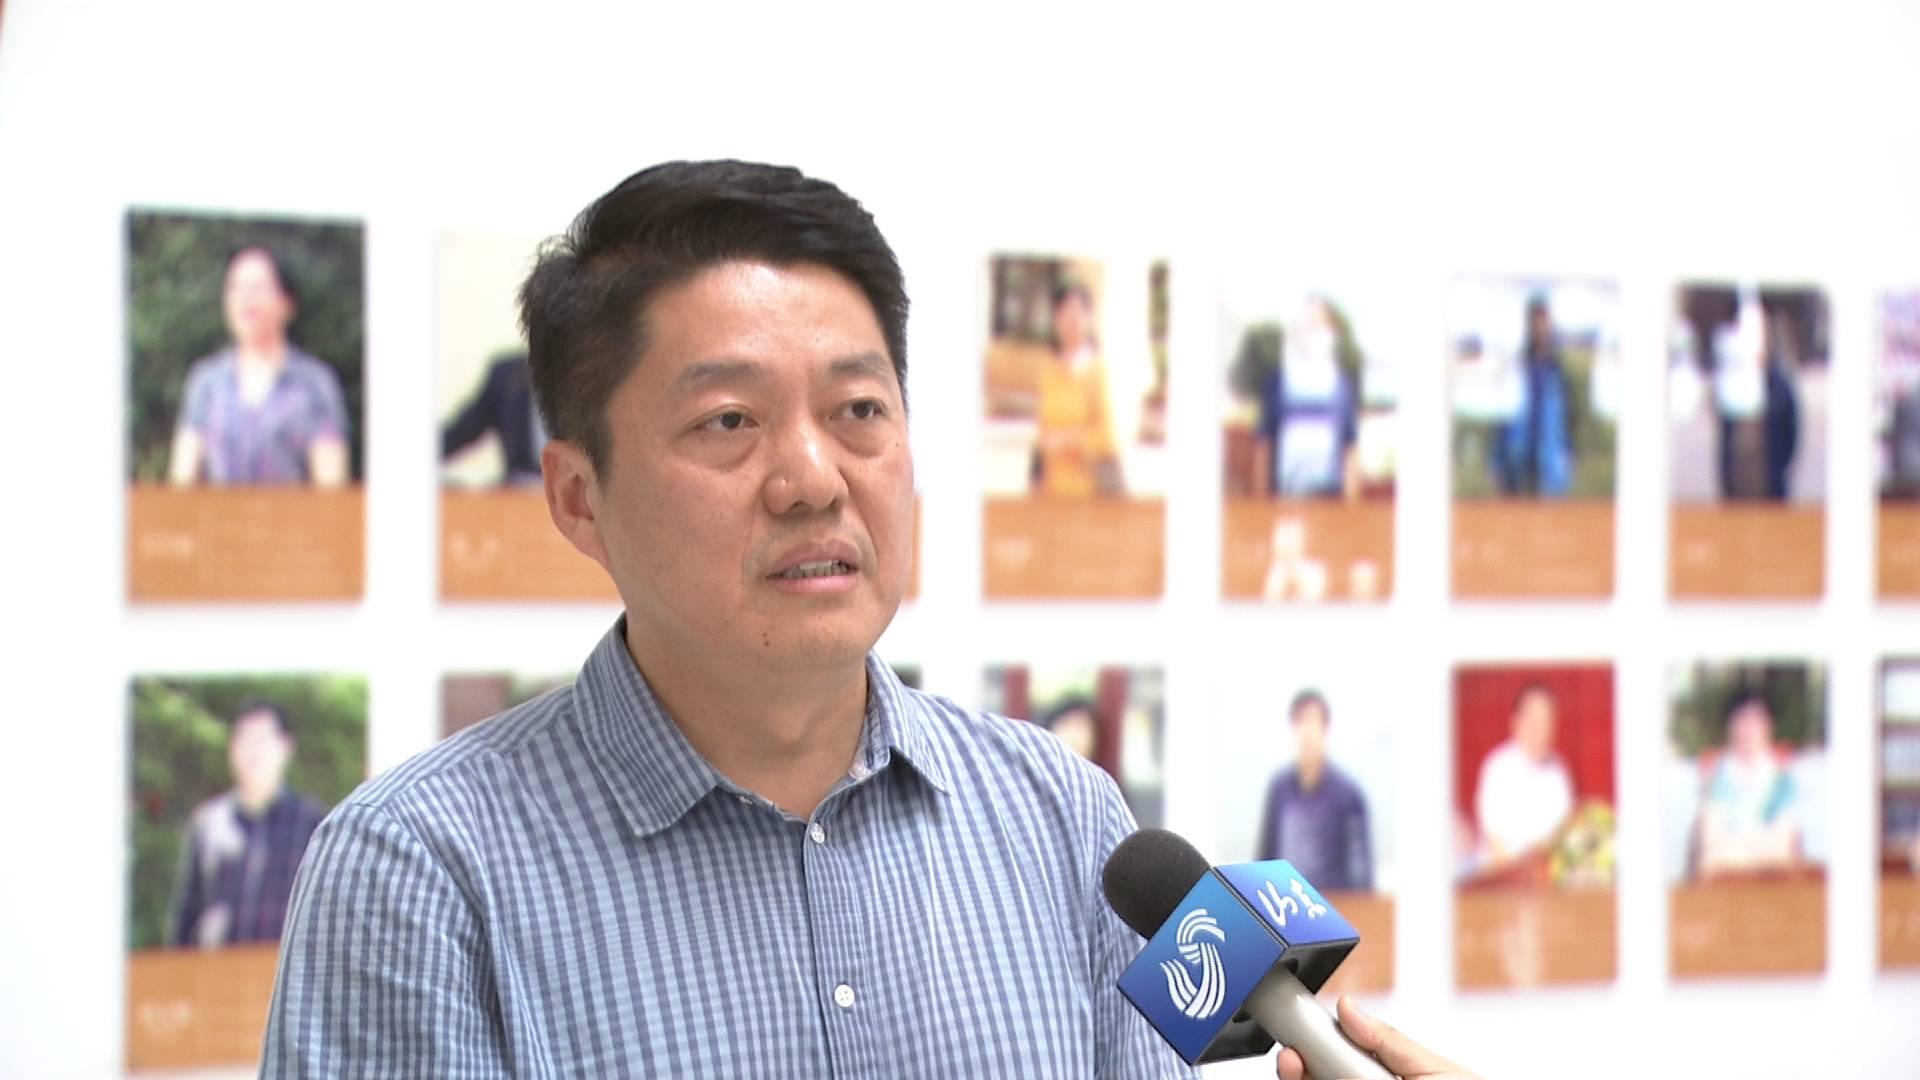 亲切的关怀 巨大的鼓舞|济南市金融办副主任李洪伟:民族复兴的使命我们责无旁贷